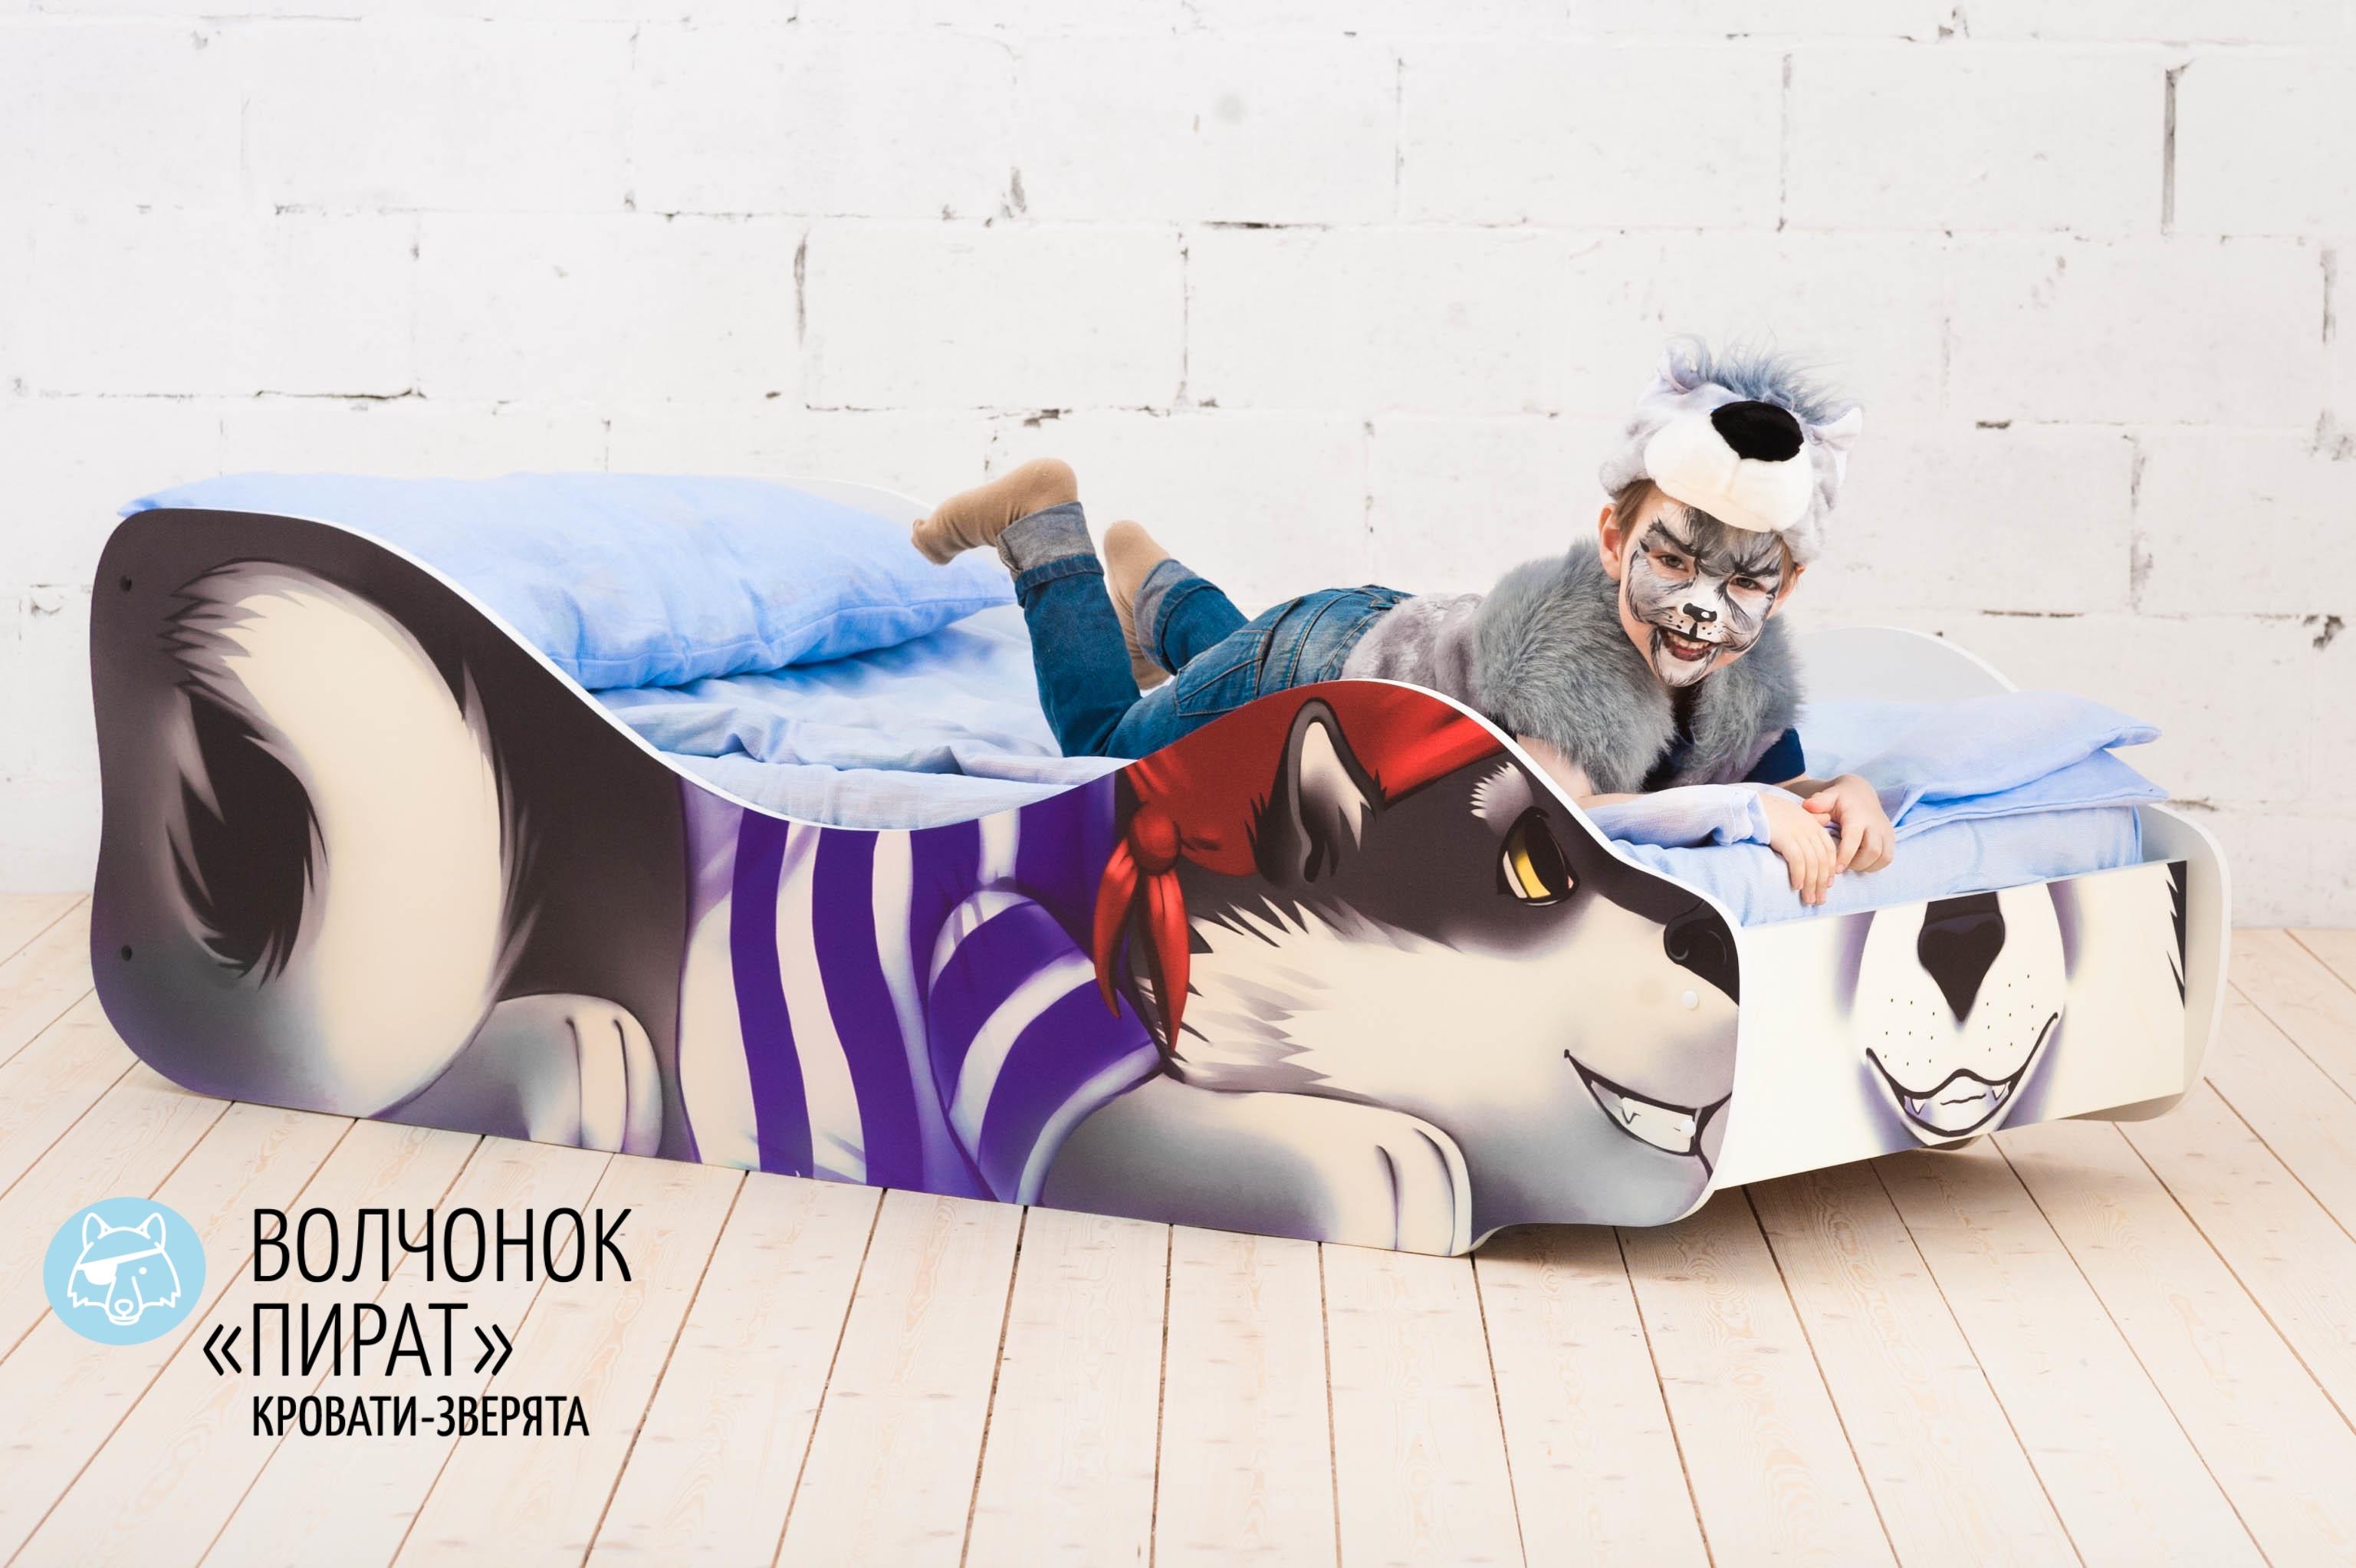 Детская кровать-зверенок -Волчонок-Пират-25